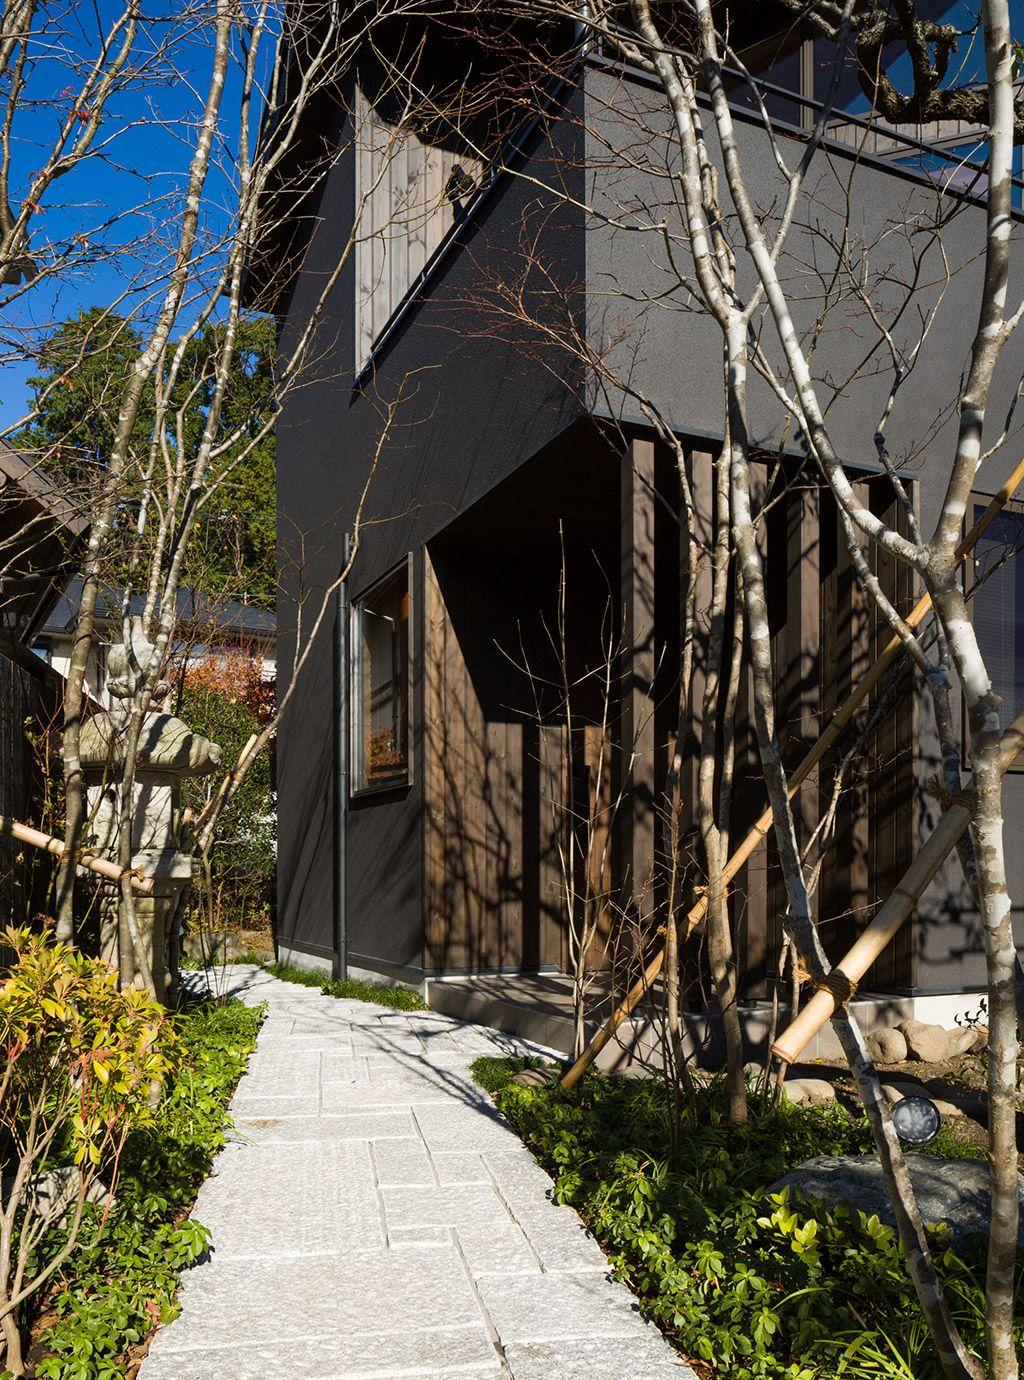 深軒のテラスがある家 鎌倉 神奈川県鎌倉市の一級建築士事務所 Sデザイン設計 住宅 家 無垢 漆喰 木造 意匠 インテリア等 マイホーム 外観 テラス 家